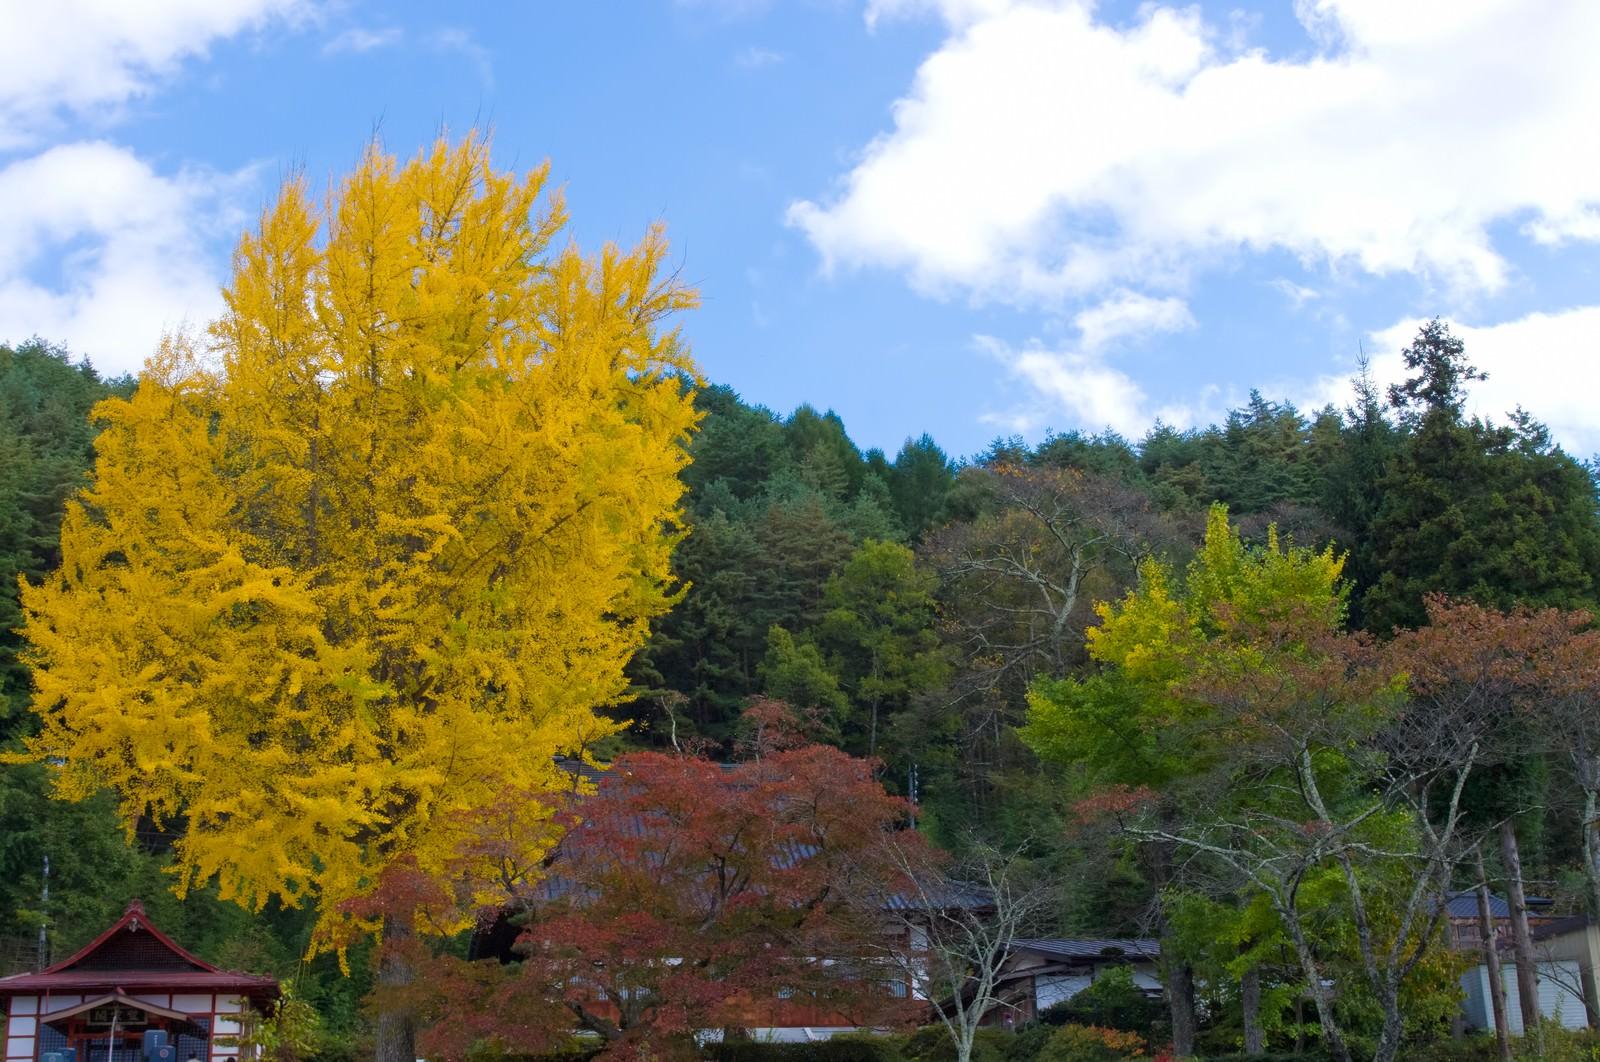 「黄葉する大きなイチョウの木」の写真